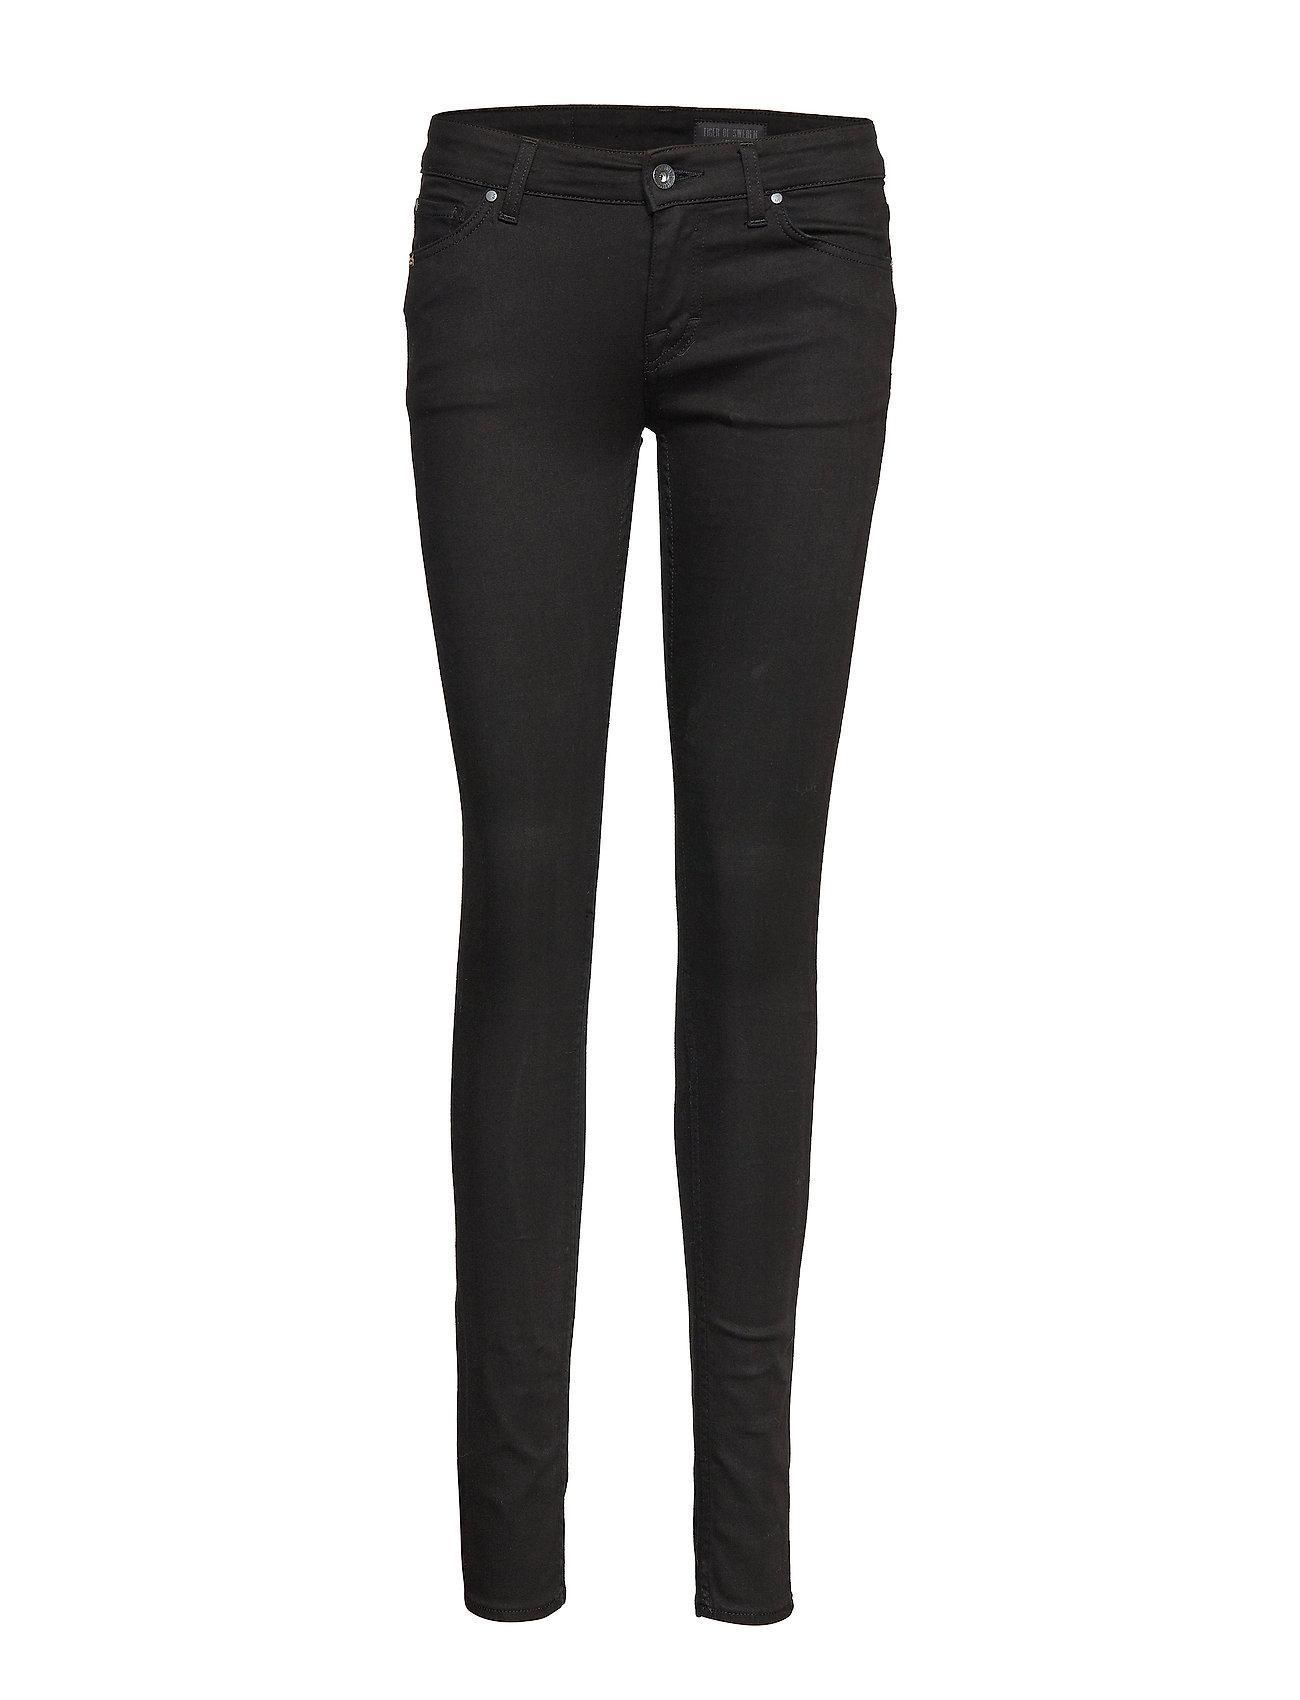 Tiger of Sweden Jeans SLIGHT - BLACK